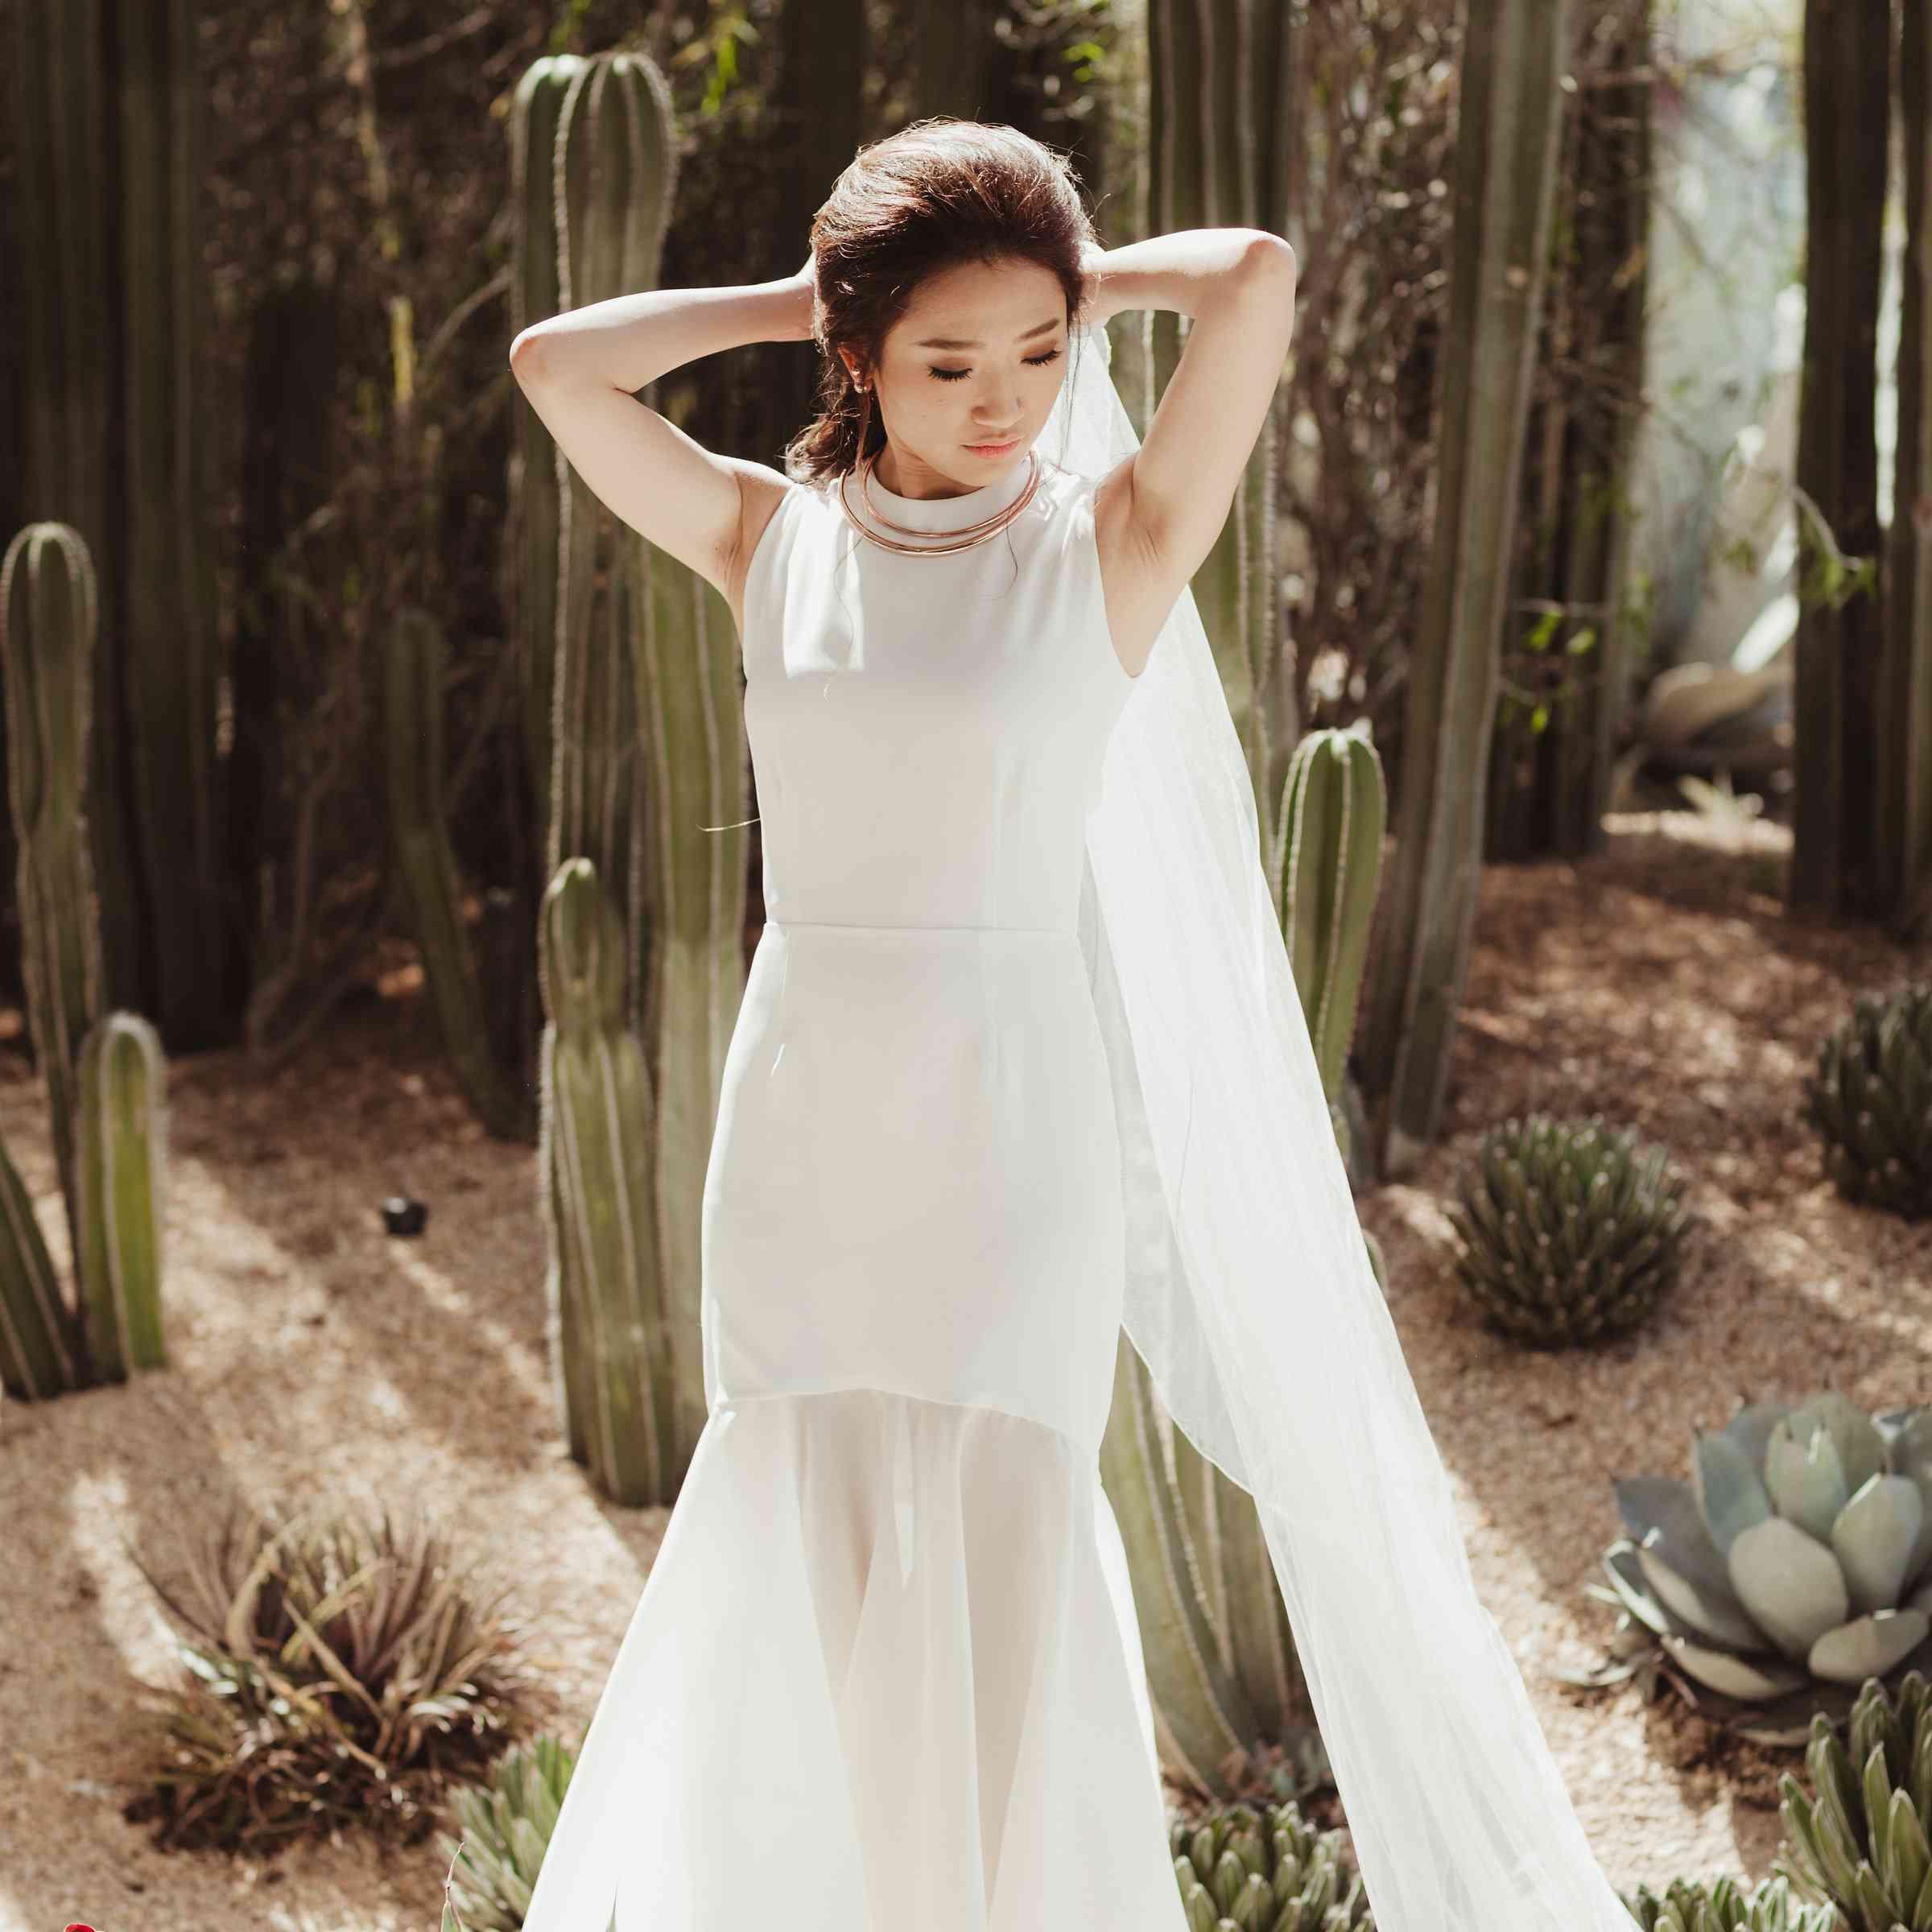 Bride standing in desert